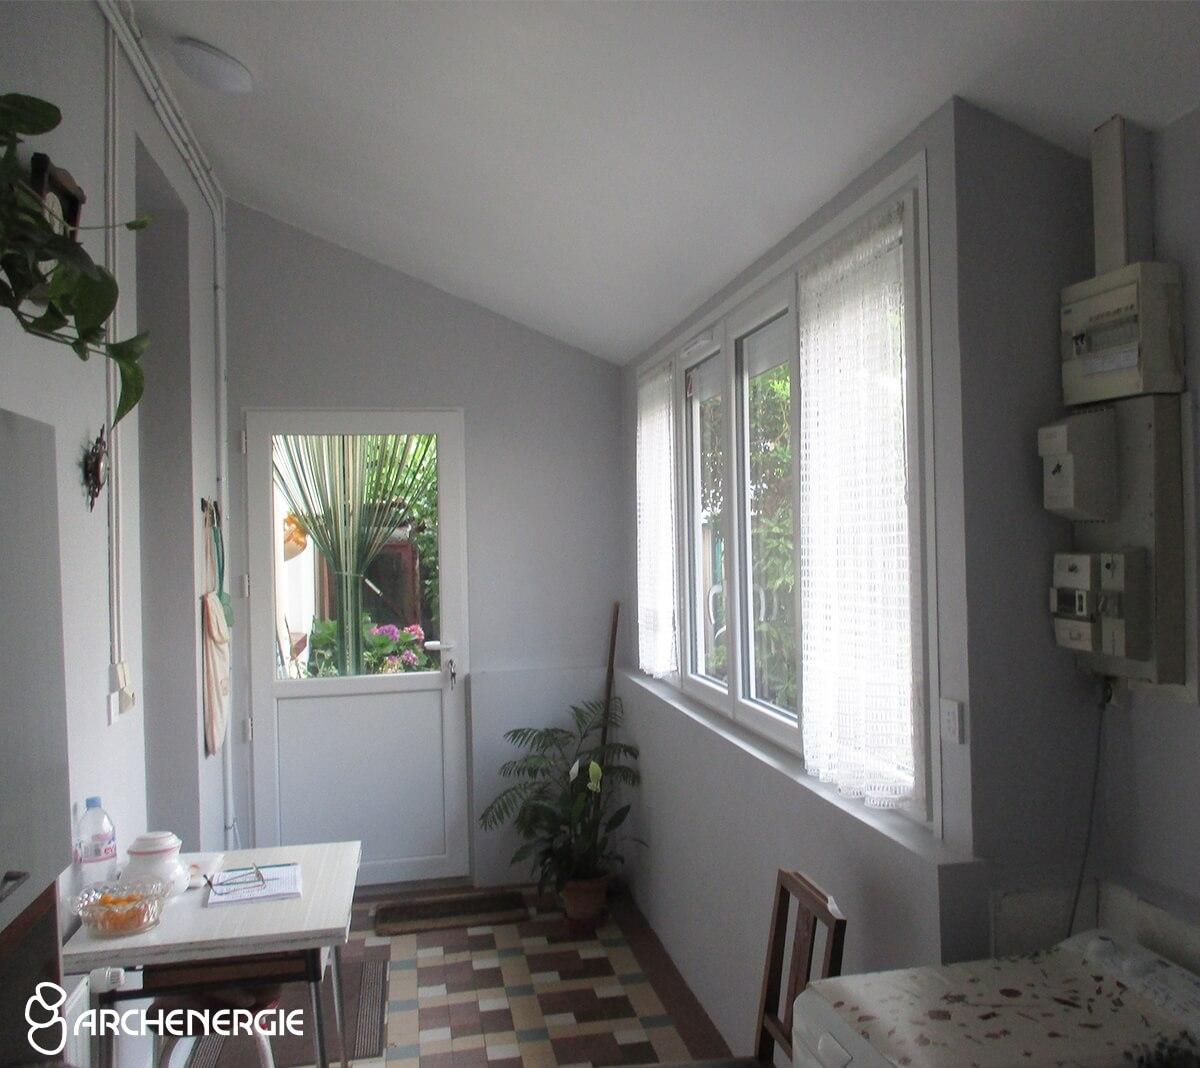 Rénovation énergétique d'une maison avec deux logements sur Bègles